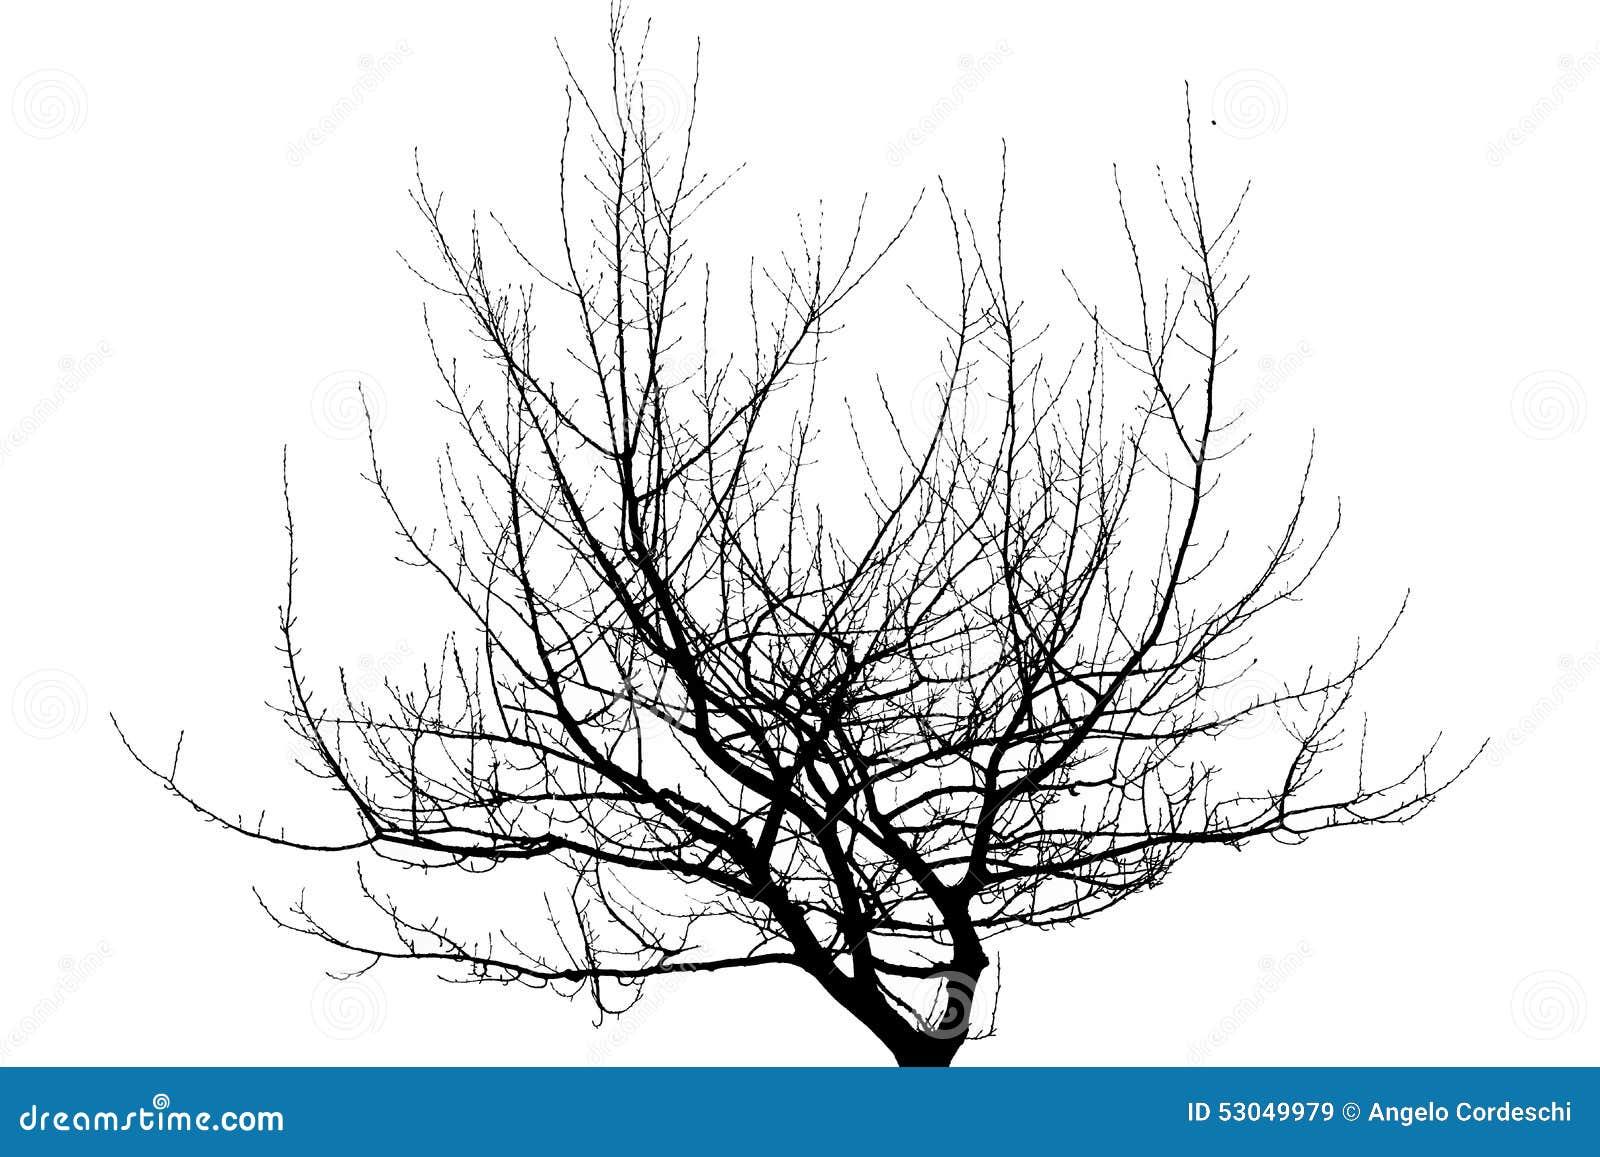 Ramos de árvore secos isolados no fundo branco